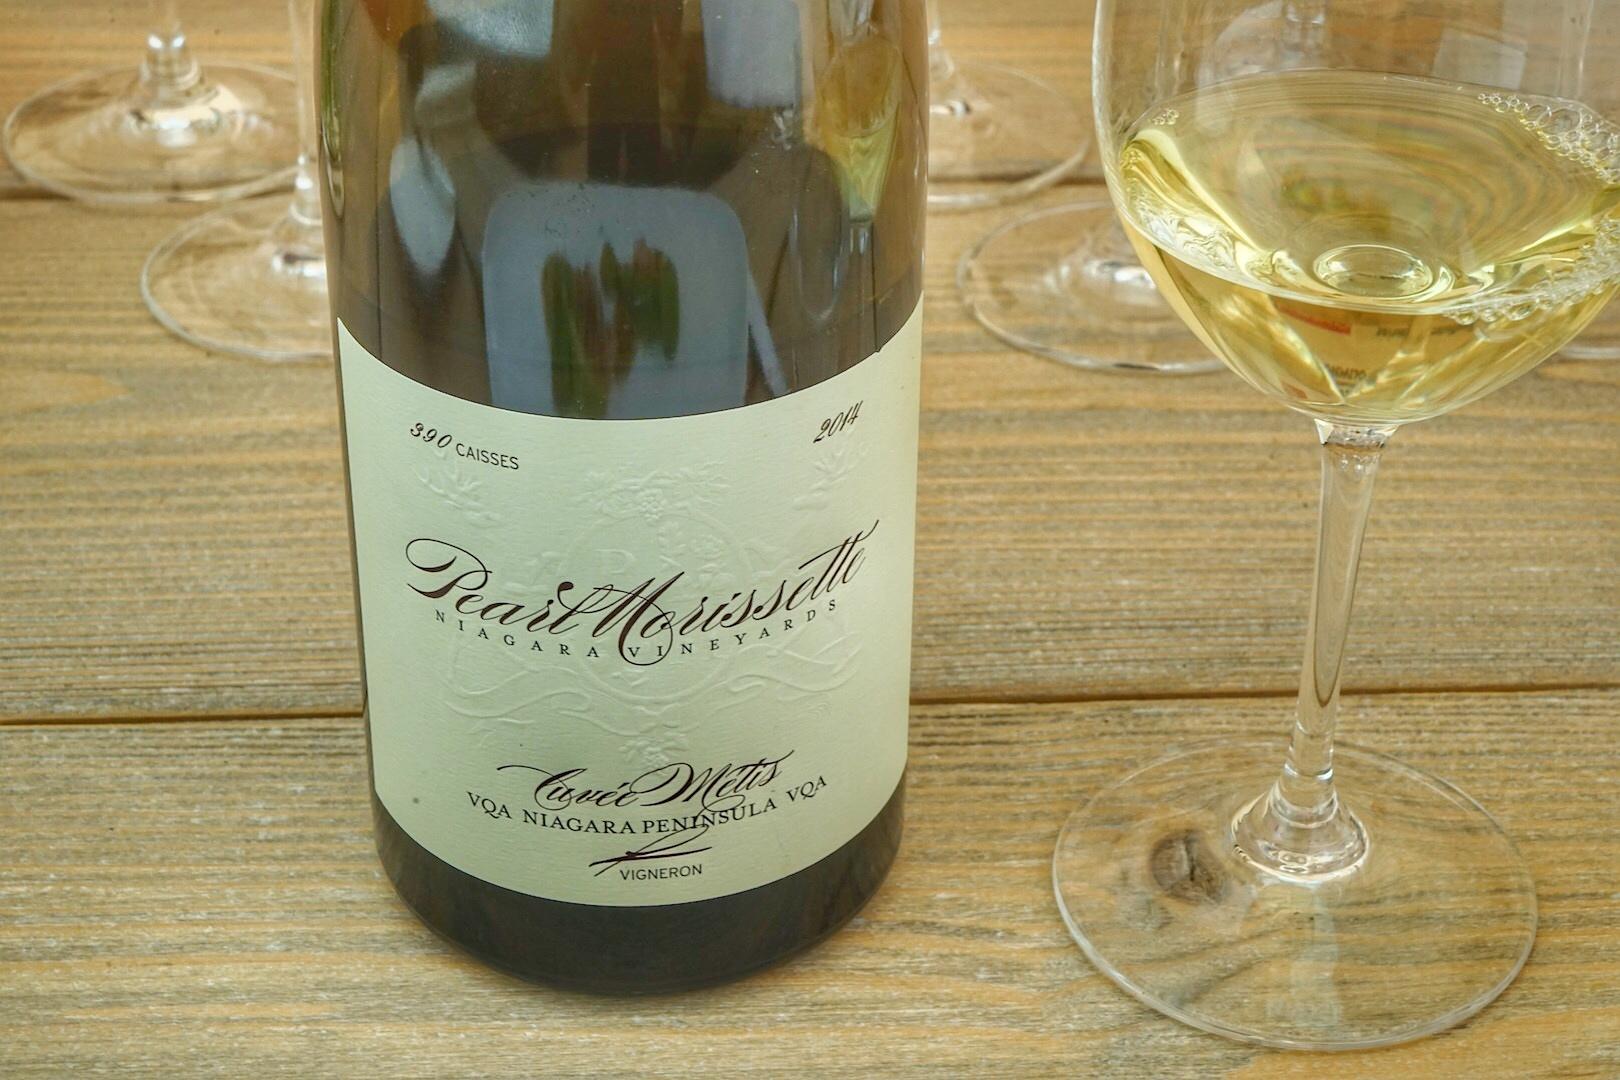 Kanadischer Wein war bislang oft unterschätzt, inzwischen wird er vielgelobt. Zum Lunch offerierte Hendrik Thoma von Wein am Limit aus Ontario einen 2014 Chardonnay Metis vom Weingut Pearl Morissette